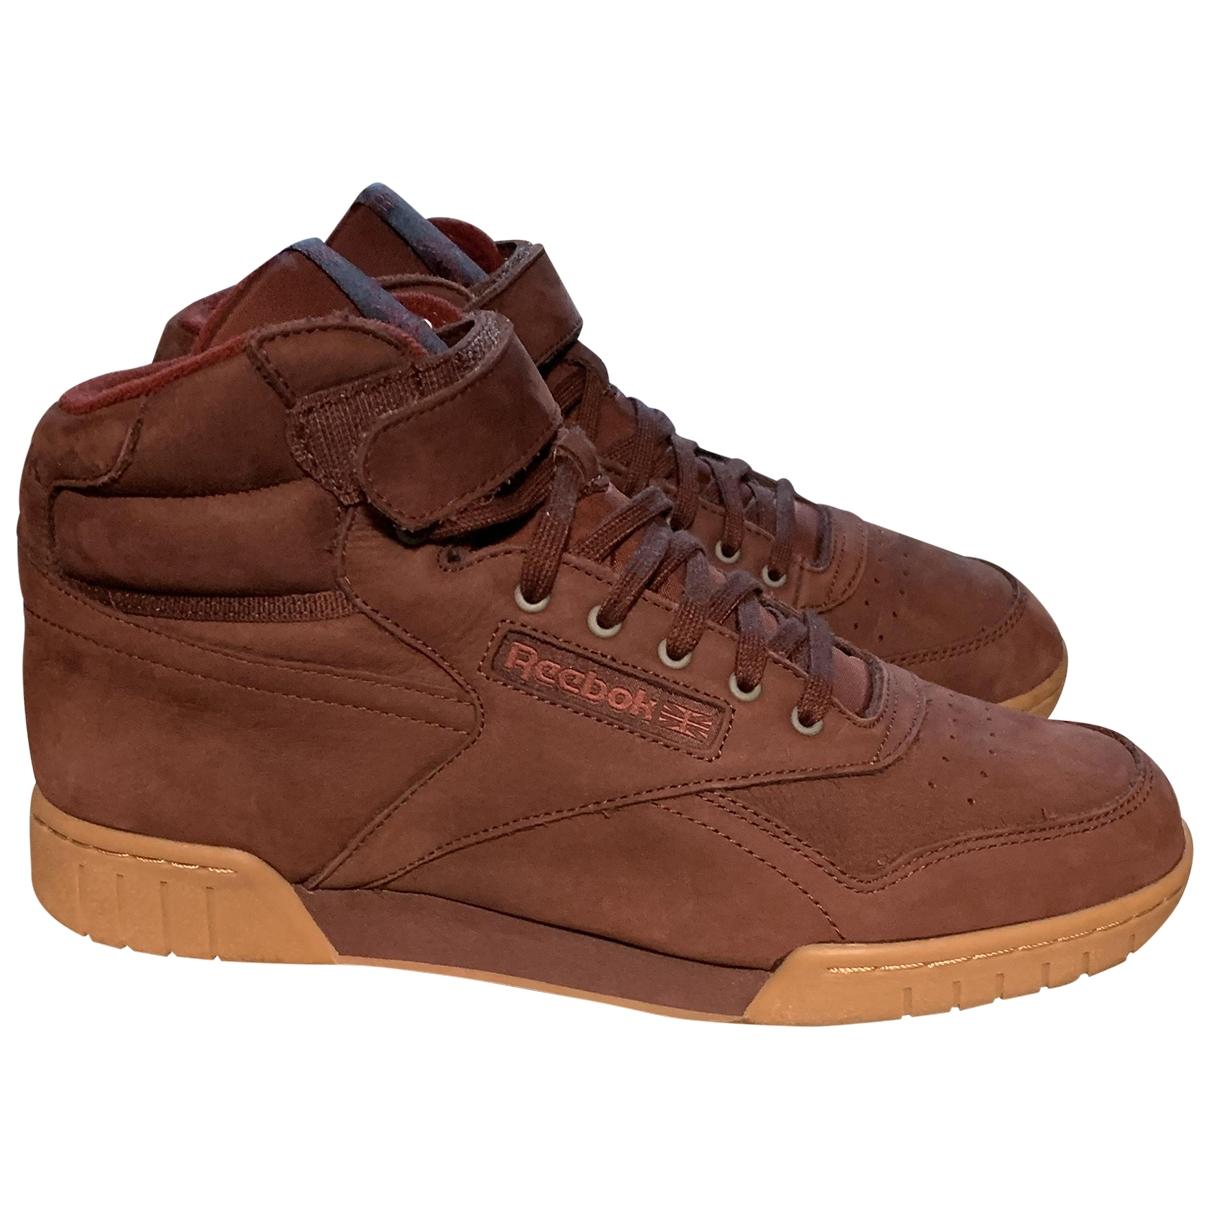 Reebok \N Sneakers in Veloursleder